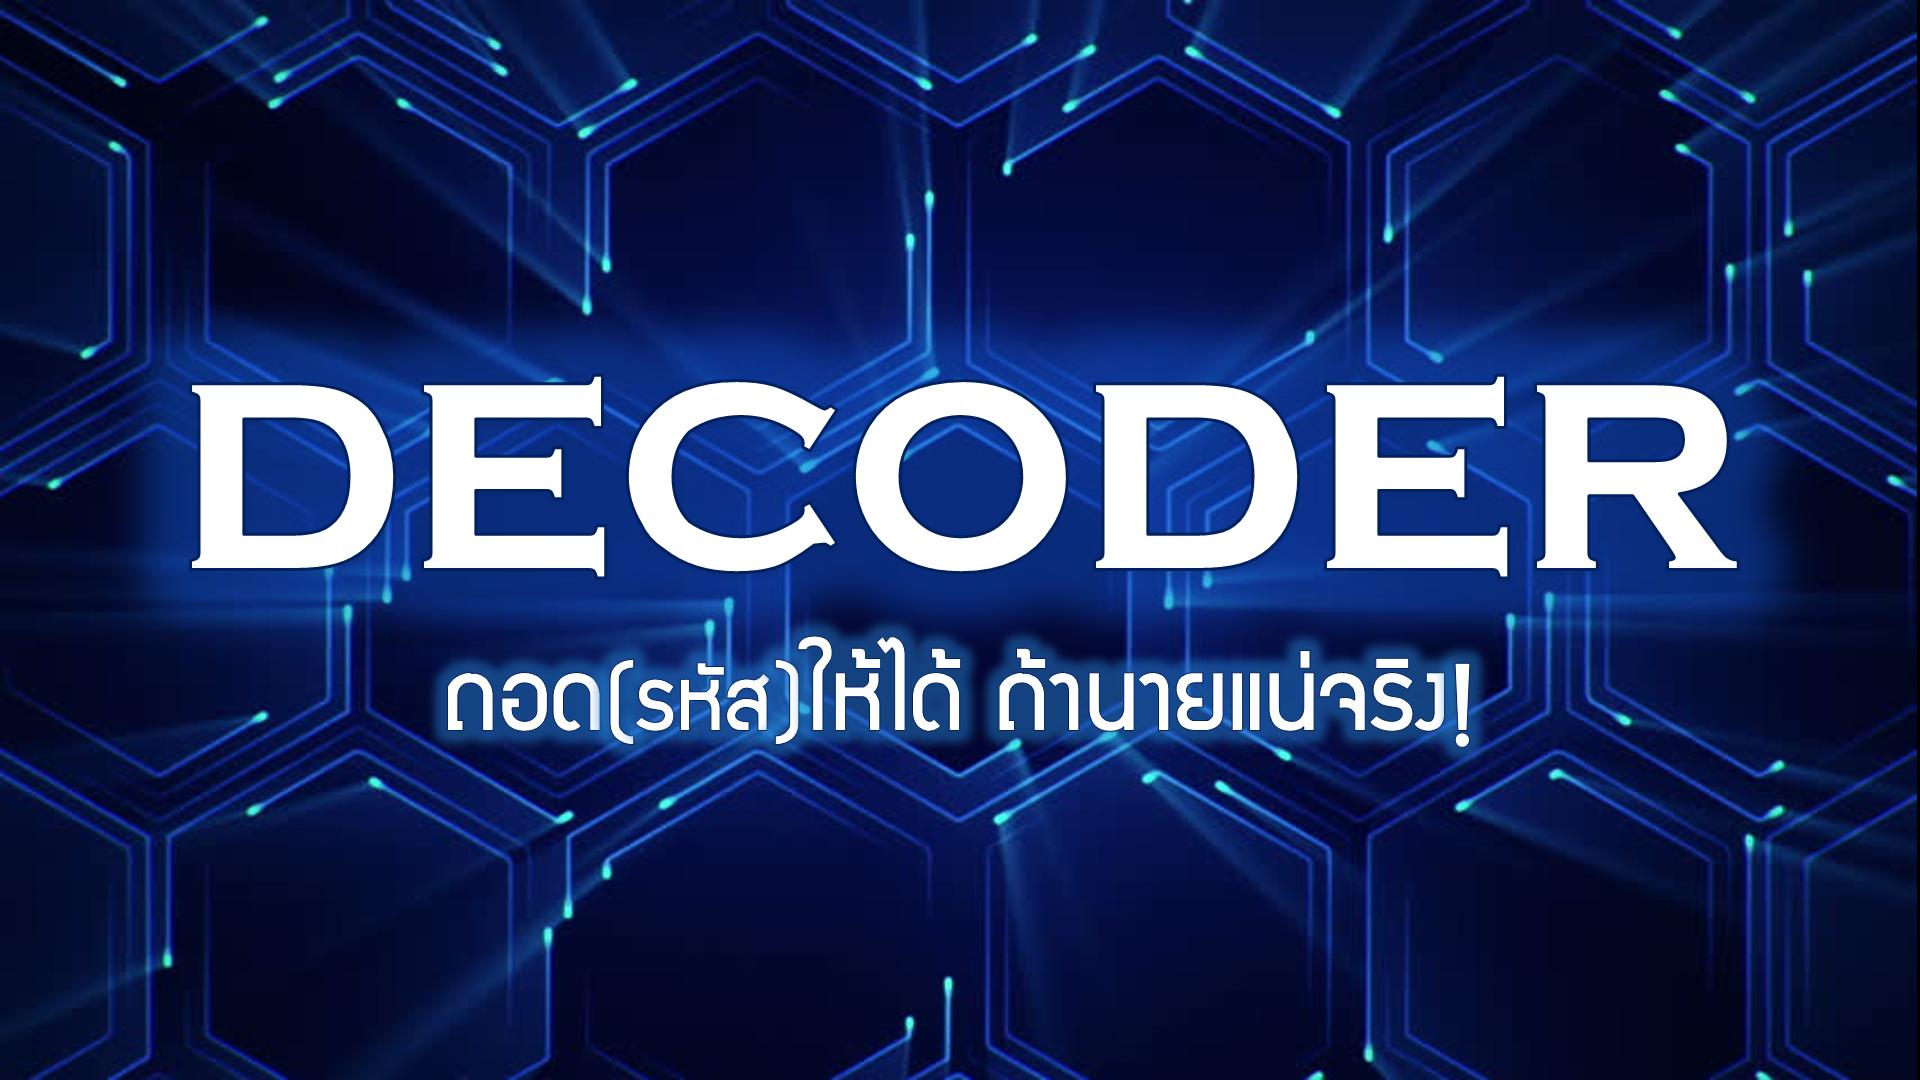 ภาพประกอบไอเดีย 🔓 DECODER ถอด(รหัส)ให้ได้ ถ้านายแน่จริง!